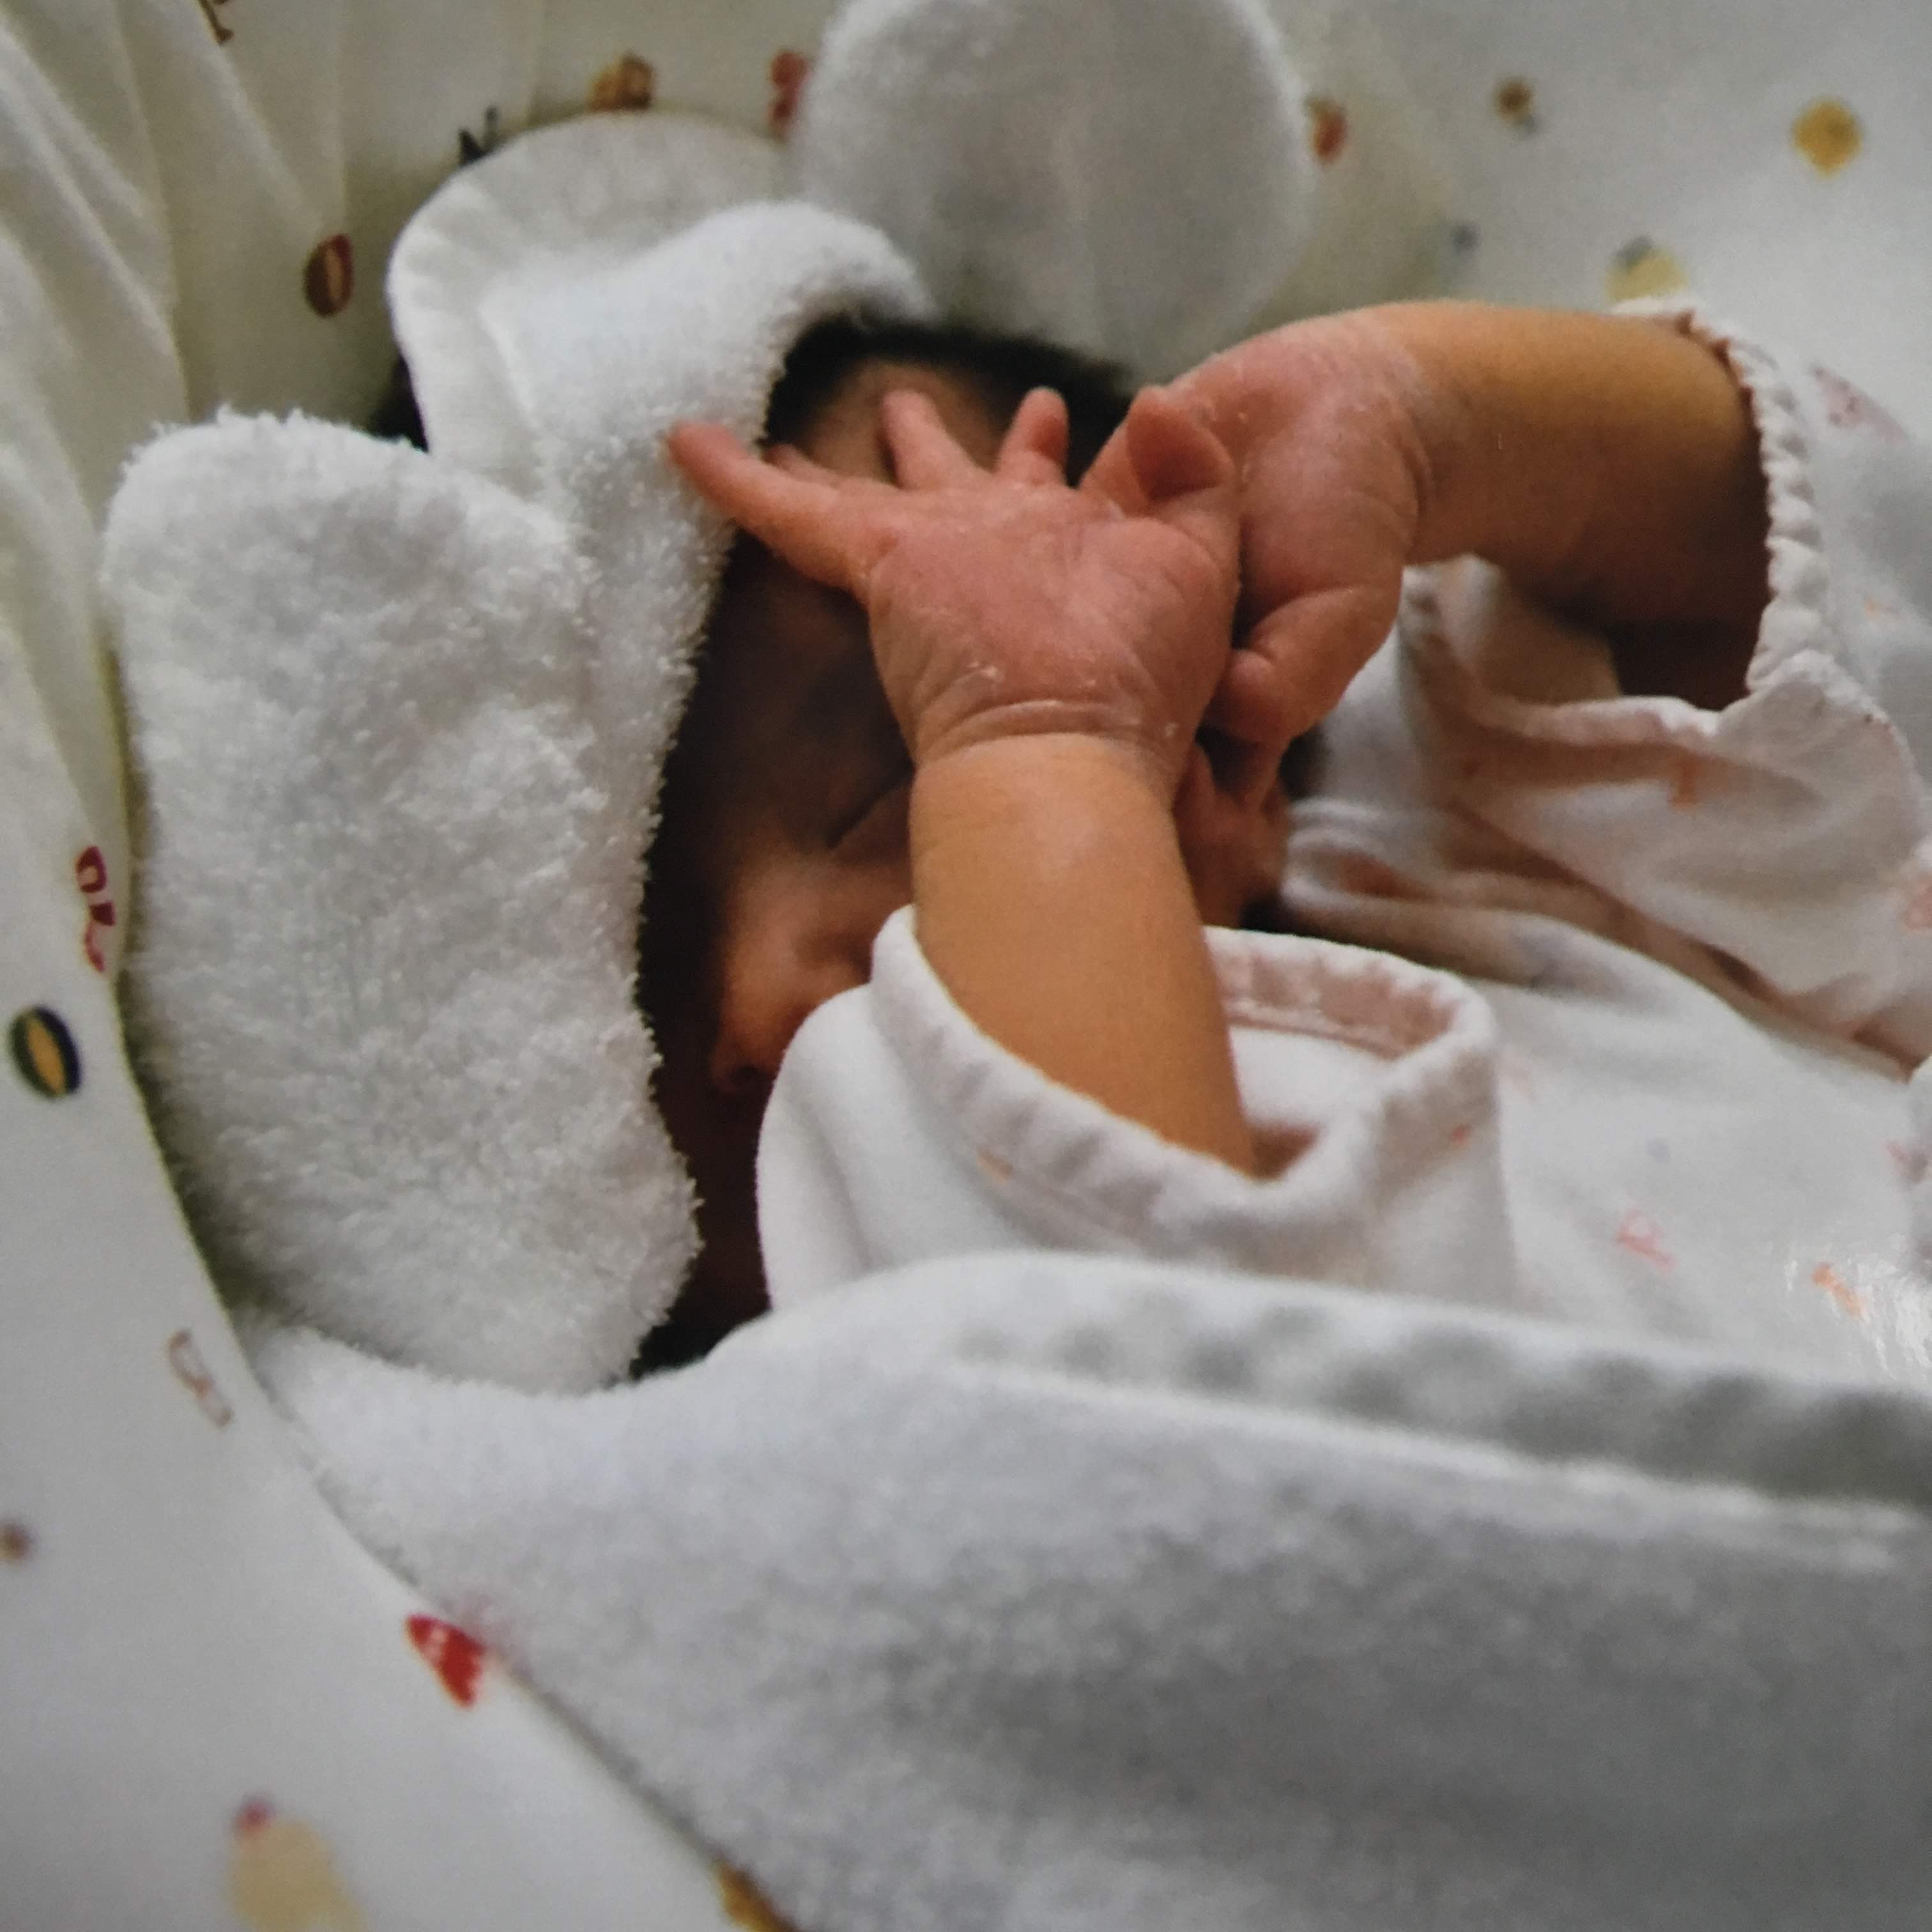 スクワット 妊娠 後期